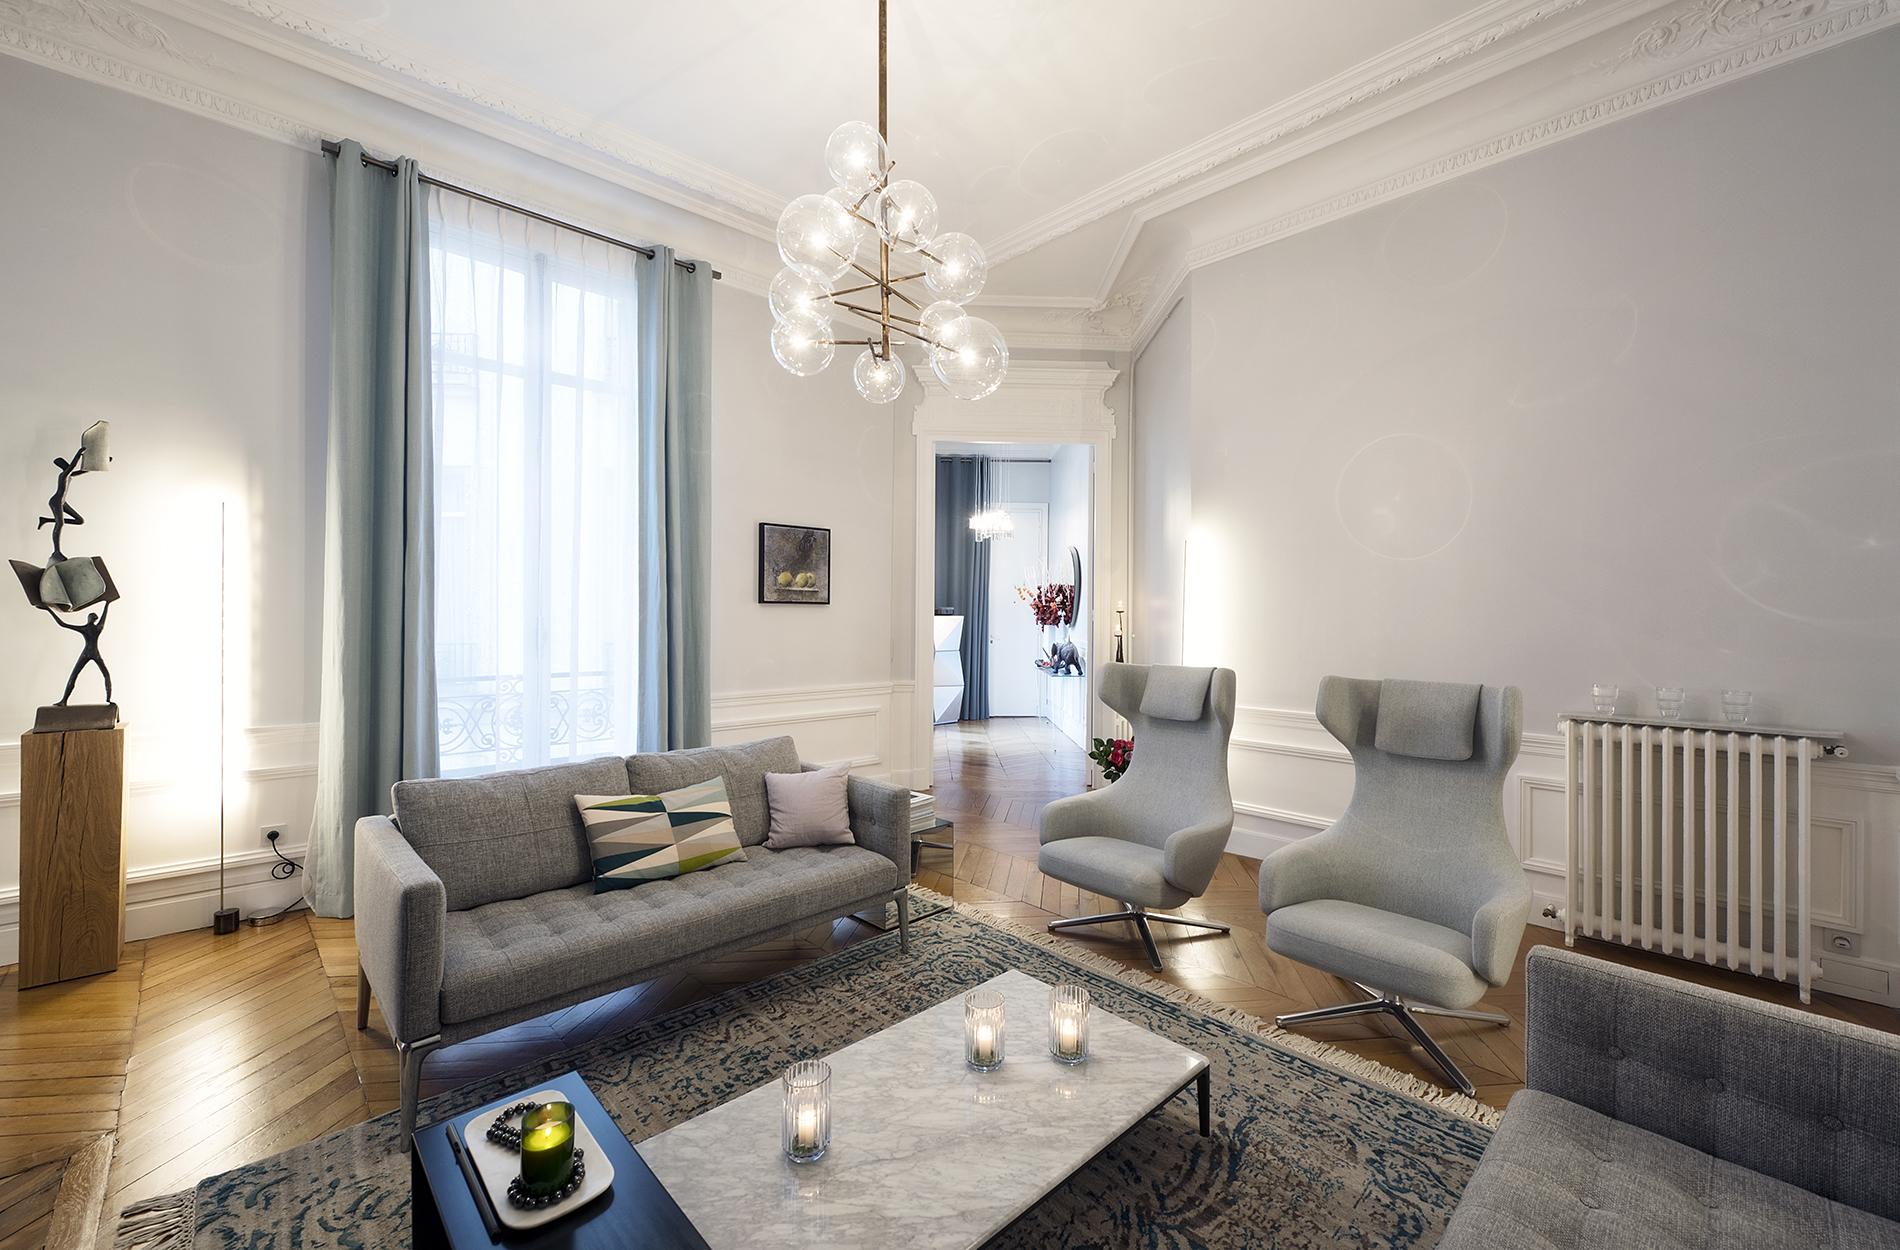 10surdix architecte d 39 int rieur paris showroom de mobilier architecture int rieure paris. Black Bedroom Furniture Sets. Home Design Ideas